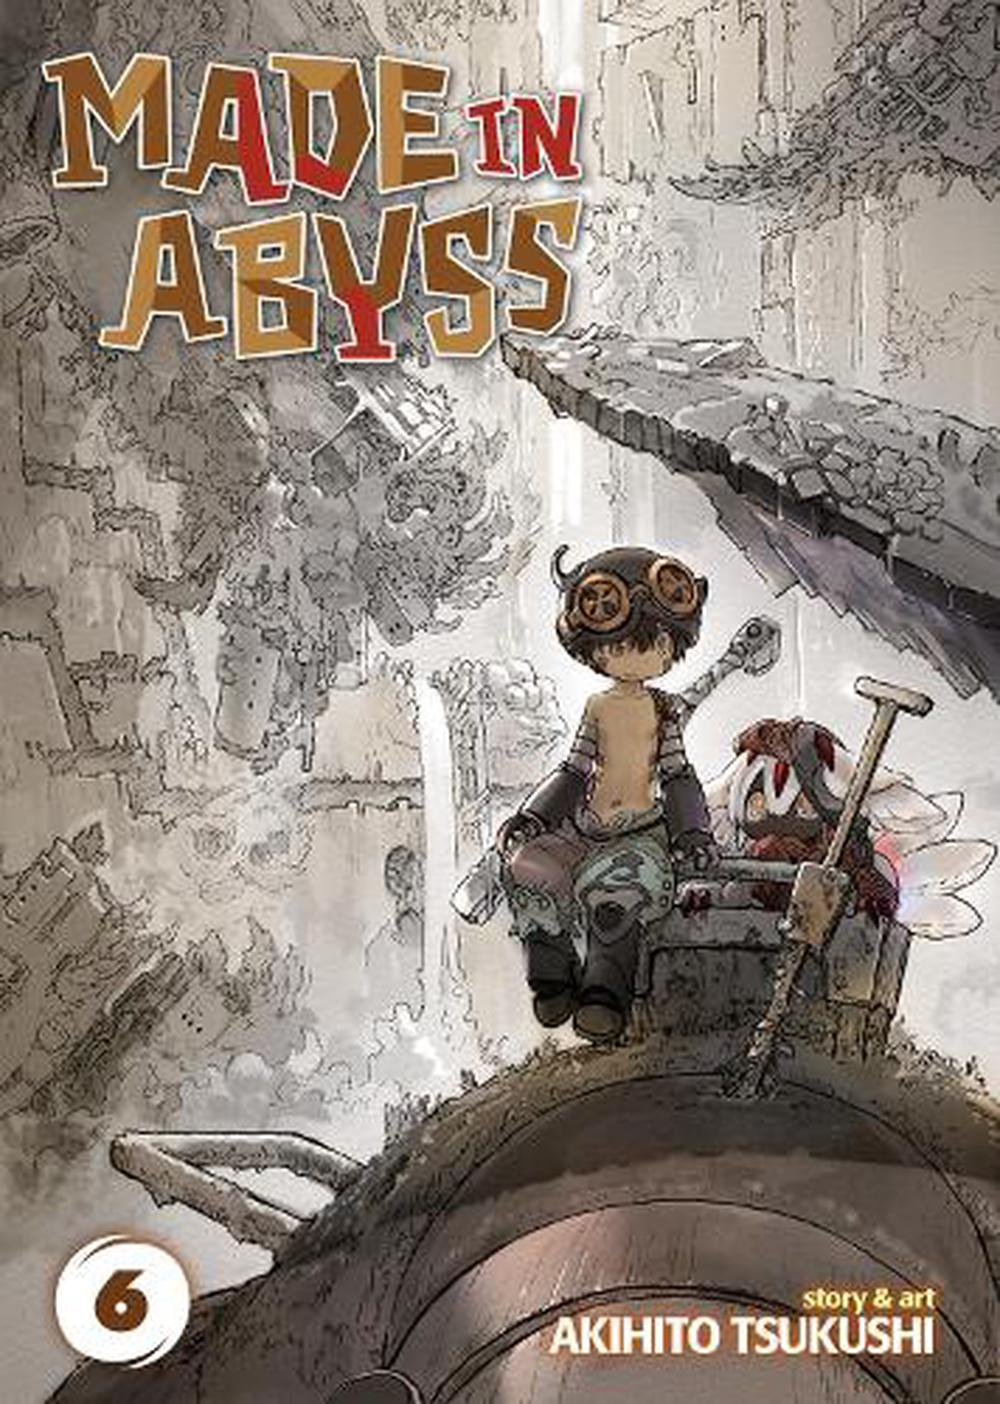 Made in Abyss Vol. 6 by Akihito Tsukushi (English ...